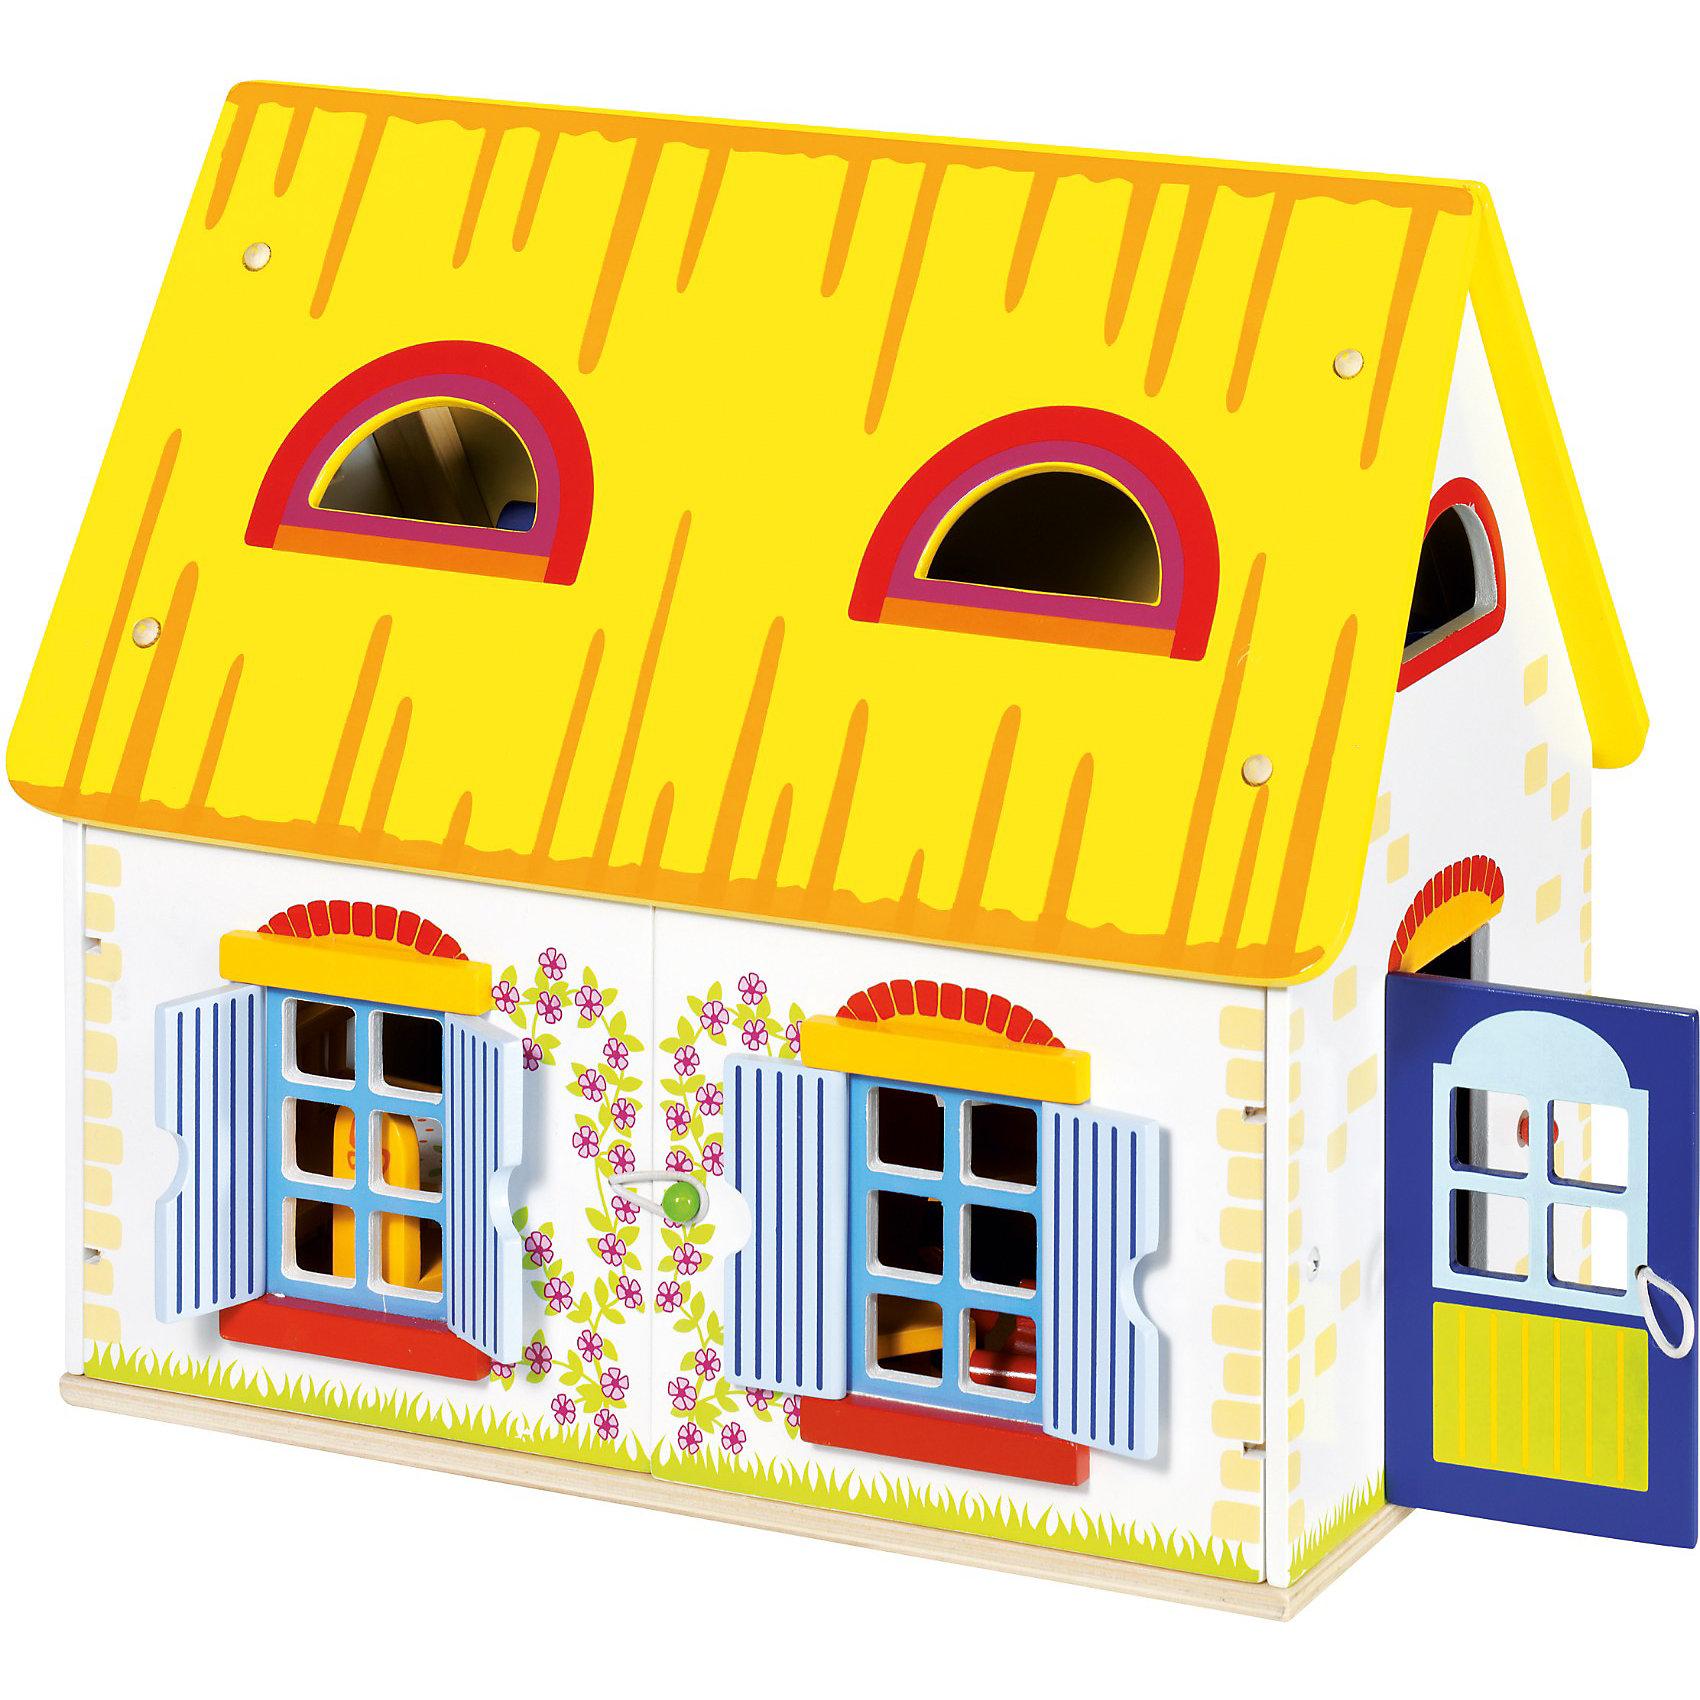 Кукольный дом Коттедж,  gokiИгрушечные домики и замки<br>В этом прекрасном и уютном домике, уже есть все для спокойной и счастливой жизни кукол! Коттедж имеет два этажа. На первом этаже располагается кухня- гостиная, где можно комфортно покушать или попить чай за уютным столом, на удобных стульях. Приготовить вкусную еду можно на плите, оборудованной всем необходимым - даже вытяжкой. Так же в комнате имеется шкаф, два кресла и табуретка. На втором этаже- уютная спаленка с большой удобной кроватью, ковриком, тумбочкой и оригинальным комодом. Домик имеет окна и дверь. Для удобства игры, крыша дома съемная (с одной стороны), одна из стен - открывается. Коттедж и все наполнение  сделаны из натурального дерева, окрашены нетоксичной краской на водной основе. <br><br>Дополнительная информация:<br><br>- Комплектация: дом, мебель, предметы декора - всего 19 предметов.<br>- Материал: дерево.<br>- Съемные детали для удобной игры.<br>- Размер: 39,5x24,5x35 см.<br>- Вес: 4, 79 кг.<br><br>Кукольный дом Коттедж с наполнением GOKI (Гоки) можно купить в нашем магазине.<br><br>Ширина мм: 395<br>Глубина мм: 245<br>Высота мм: 350<br>Вес г: 4790<br>Возраст от месяцев: 36<br>Возраст до месяцев: 72<br>Пол: Женский<br>Возраст: Детский<br>SKU: 3876013